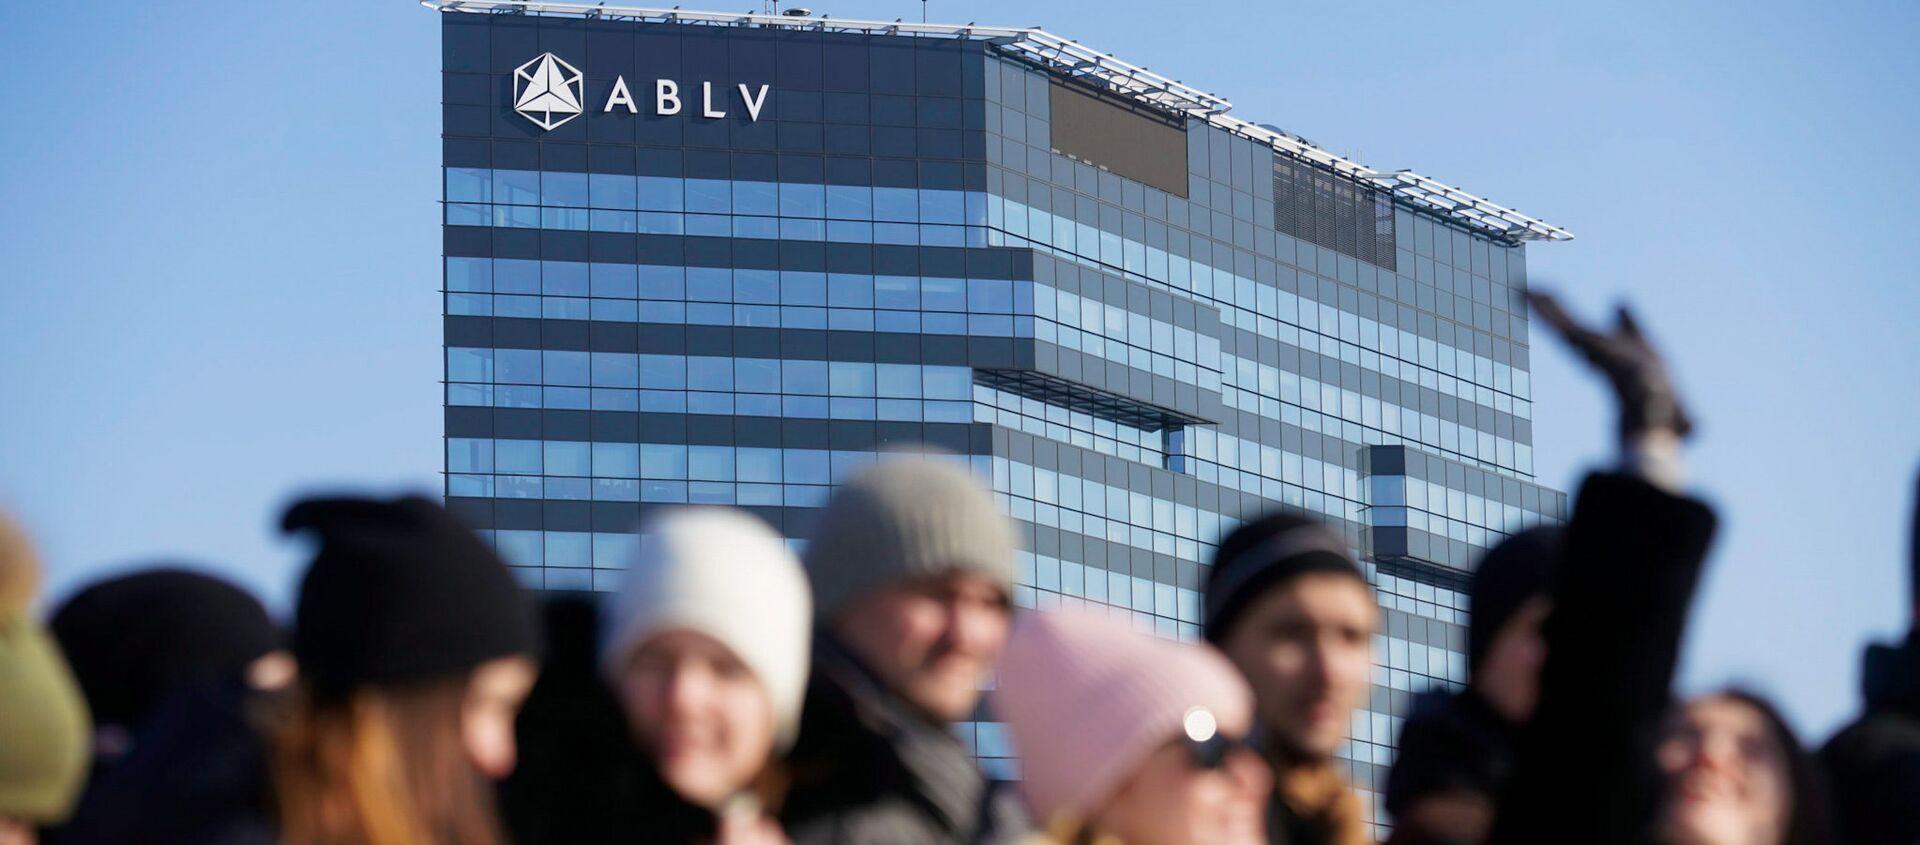 Работники банка ABLV собрались вместе для прощальной фотографии  - Sputnik Латвия, 1920, 26.04.2021